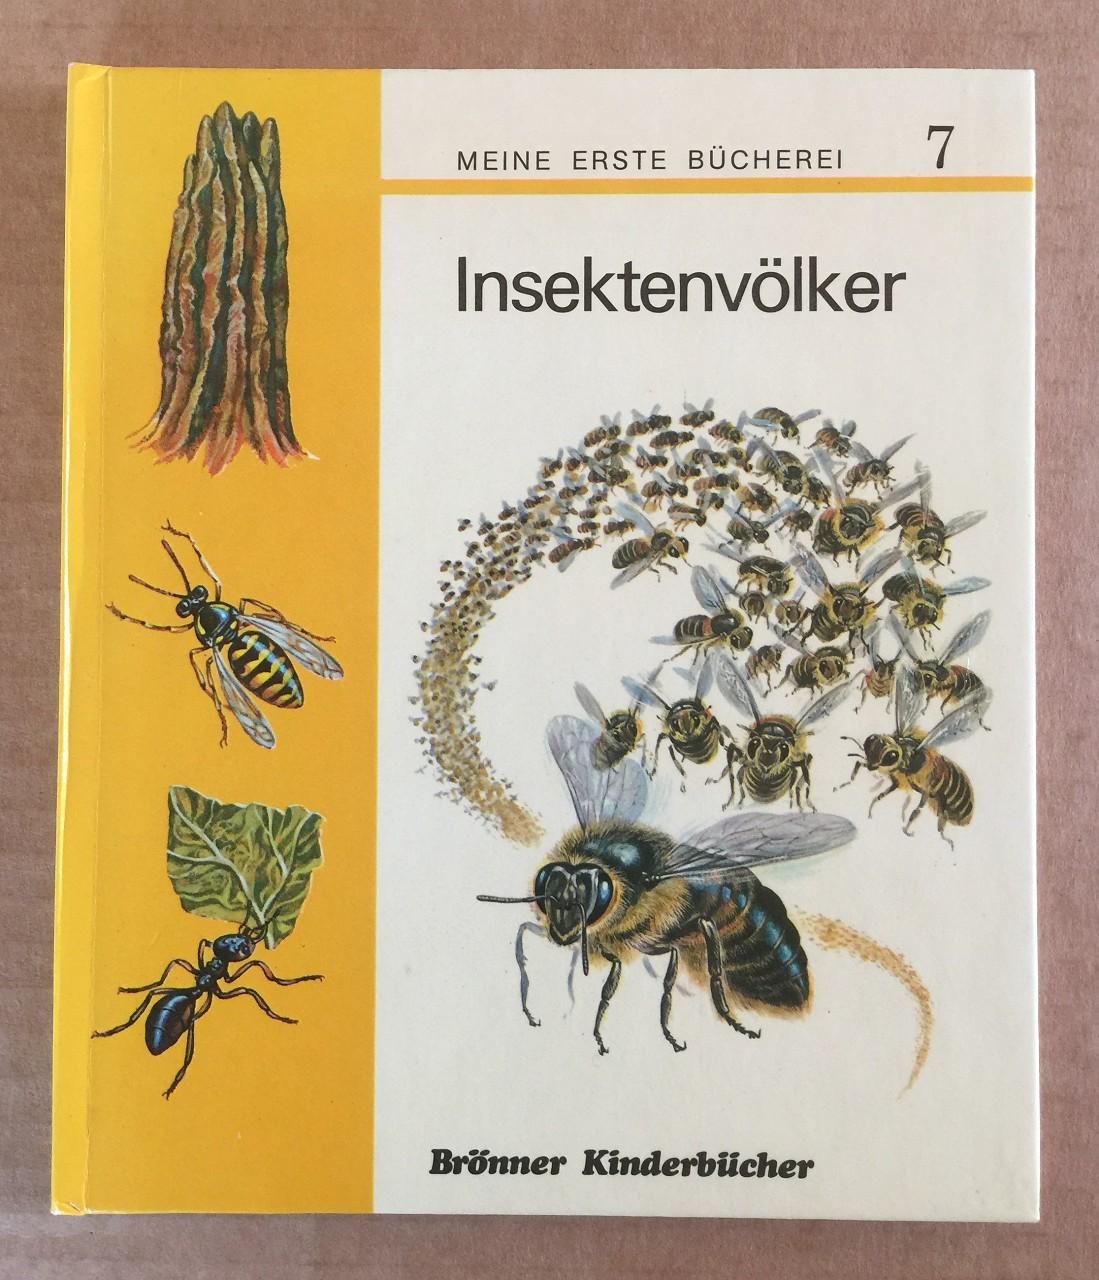 Insektenvölker